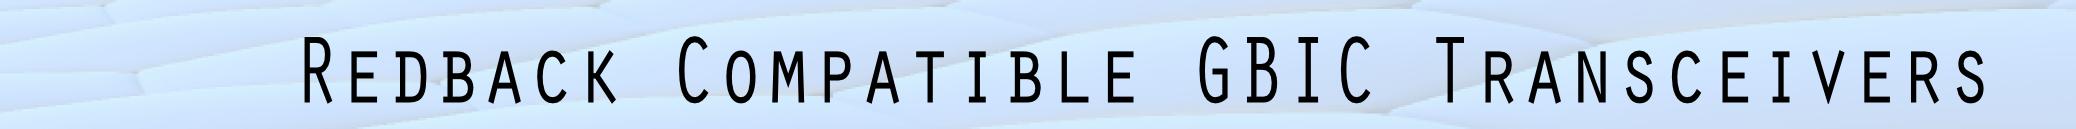 Redback Gigabit Ethernet Fiber Optical GBIC Transceiver Modules